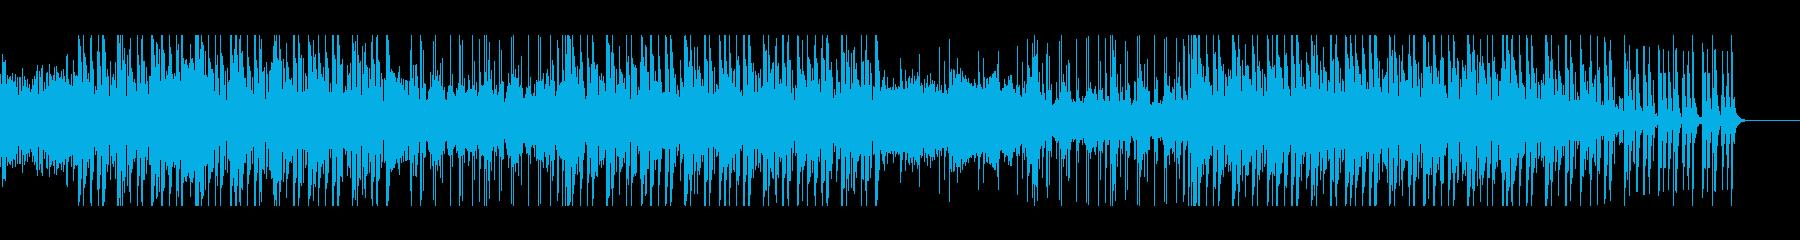 ミディアムテンポのダークシンセウェーブの再生済みの波形